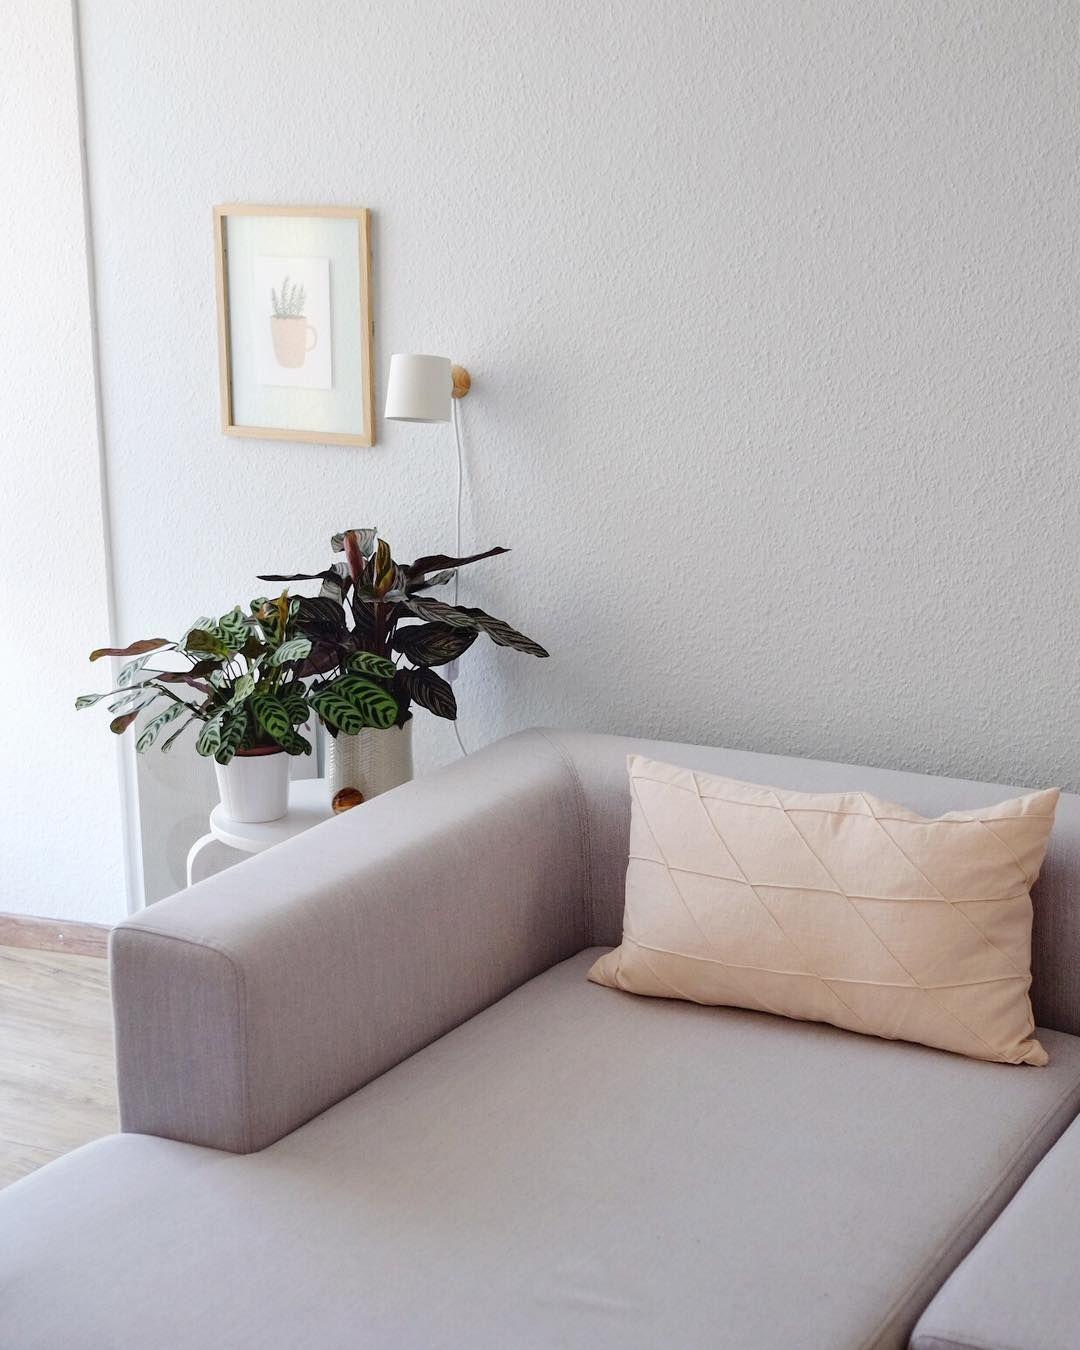 Faszinierend Wohnzimmer Grau Rosa Referenz Von & ♥ - Inspiration Mit Dem Neuen